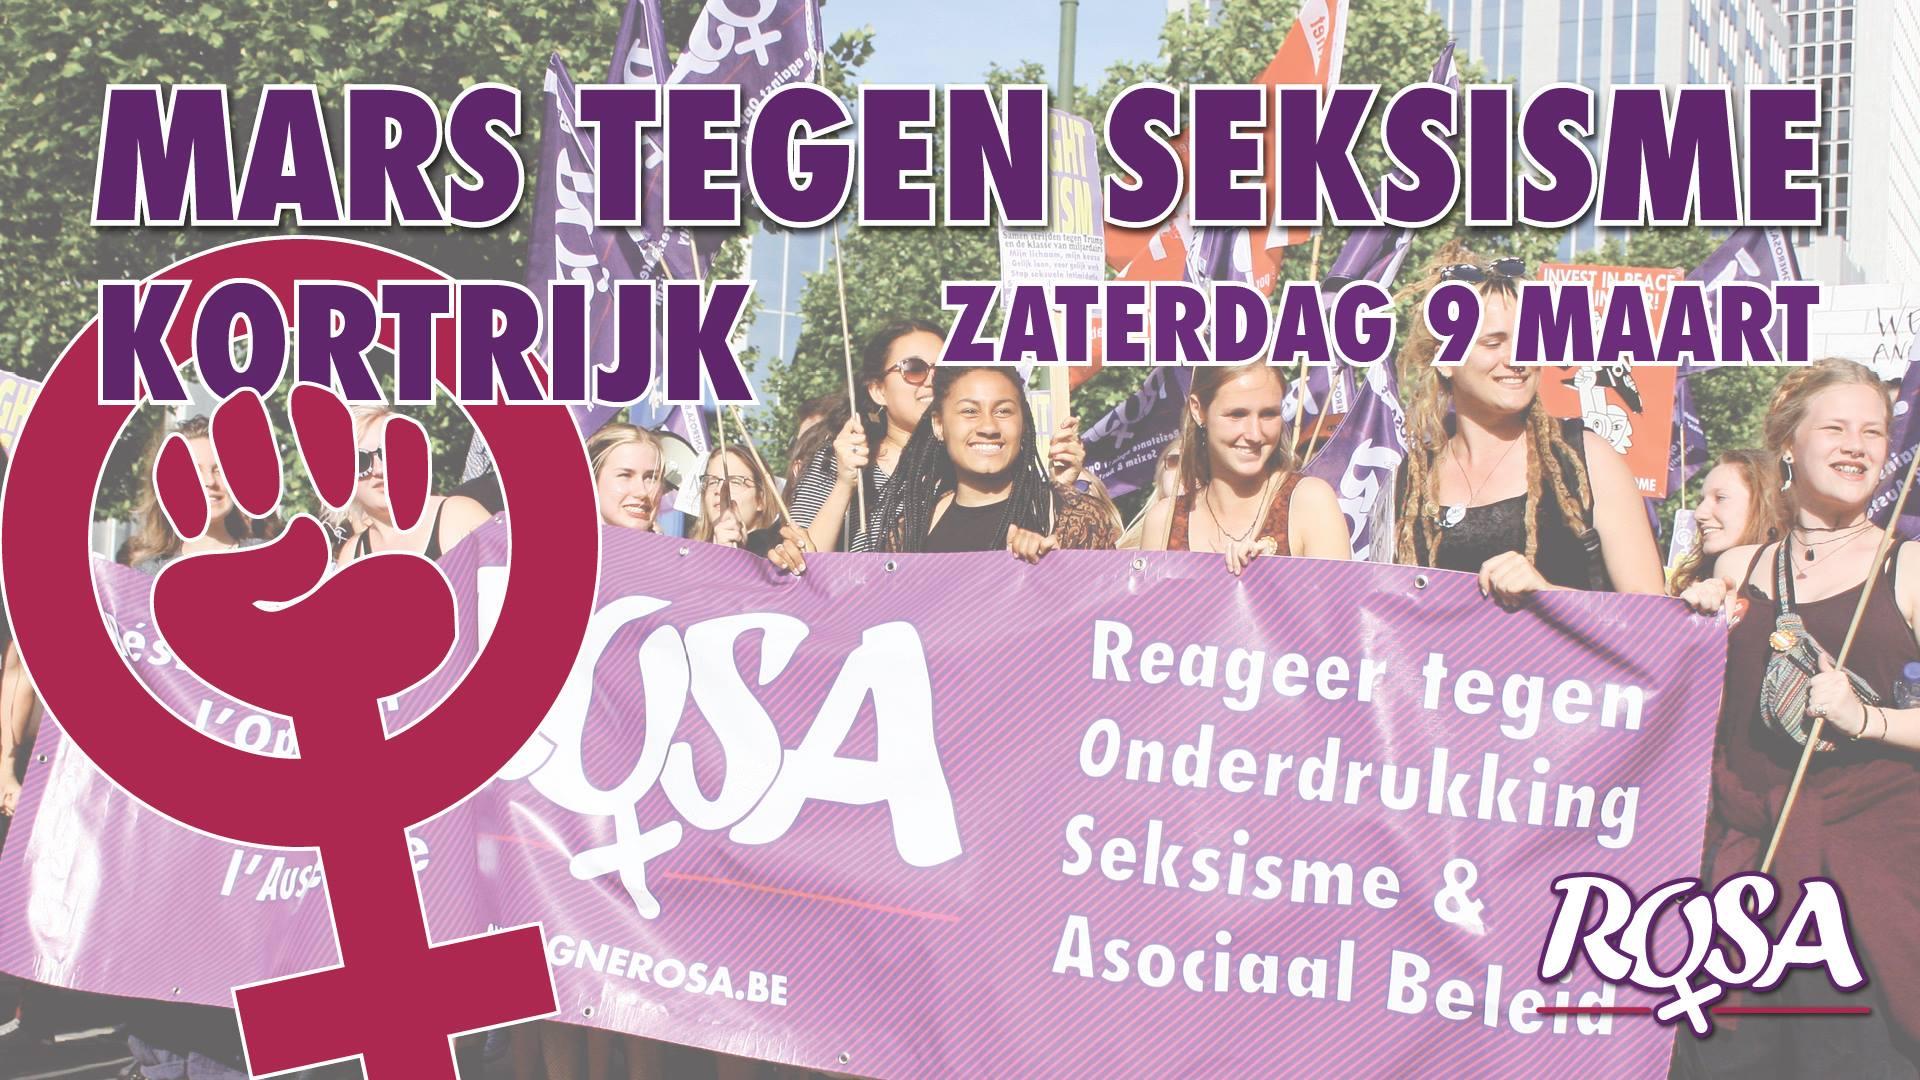 'Mars tegen Seksisme' in Kortrijk